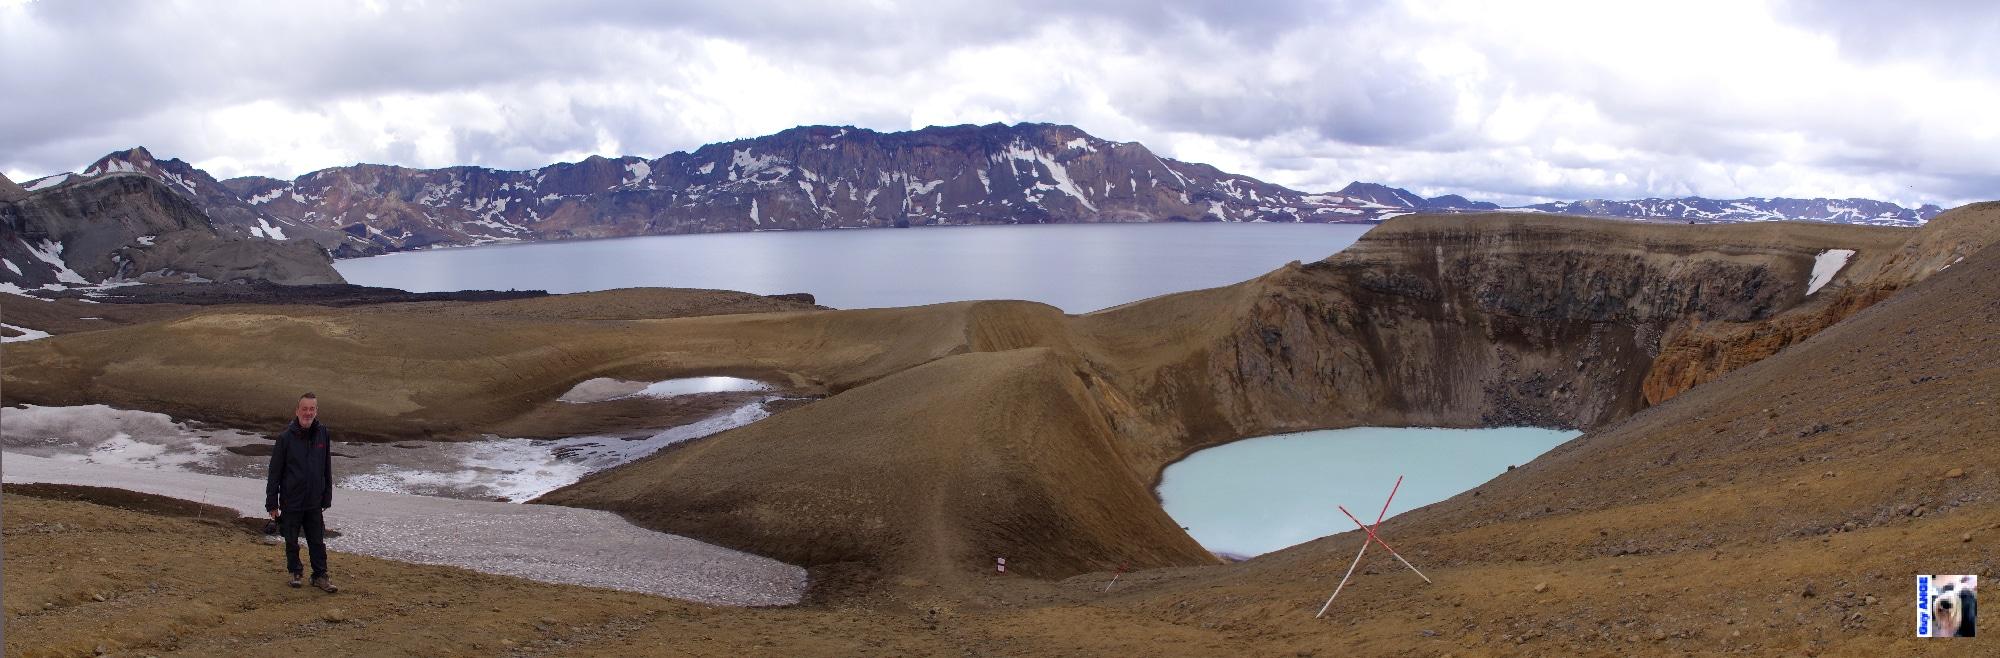 Dans la caldeira d'Askja, le lac Öskjuvatna et le cratère Viti.